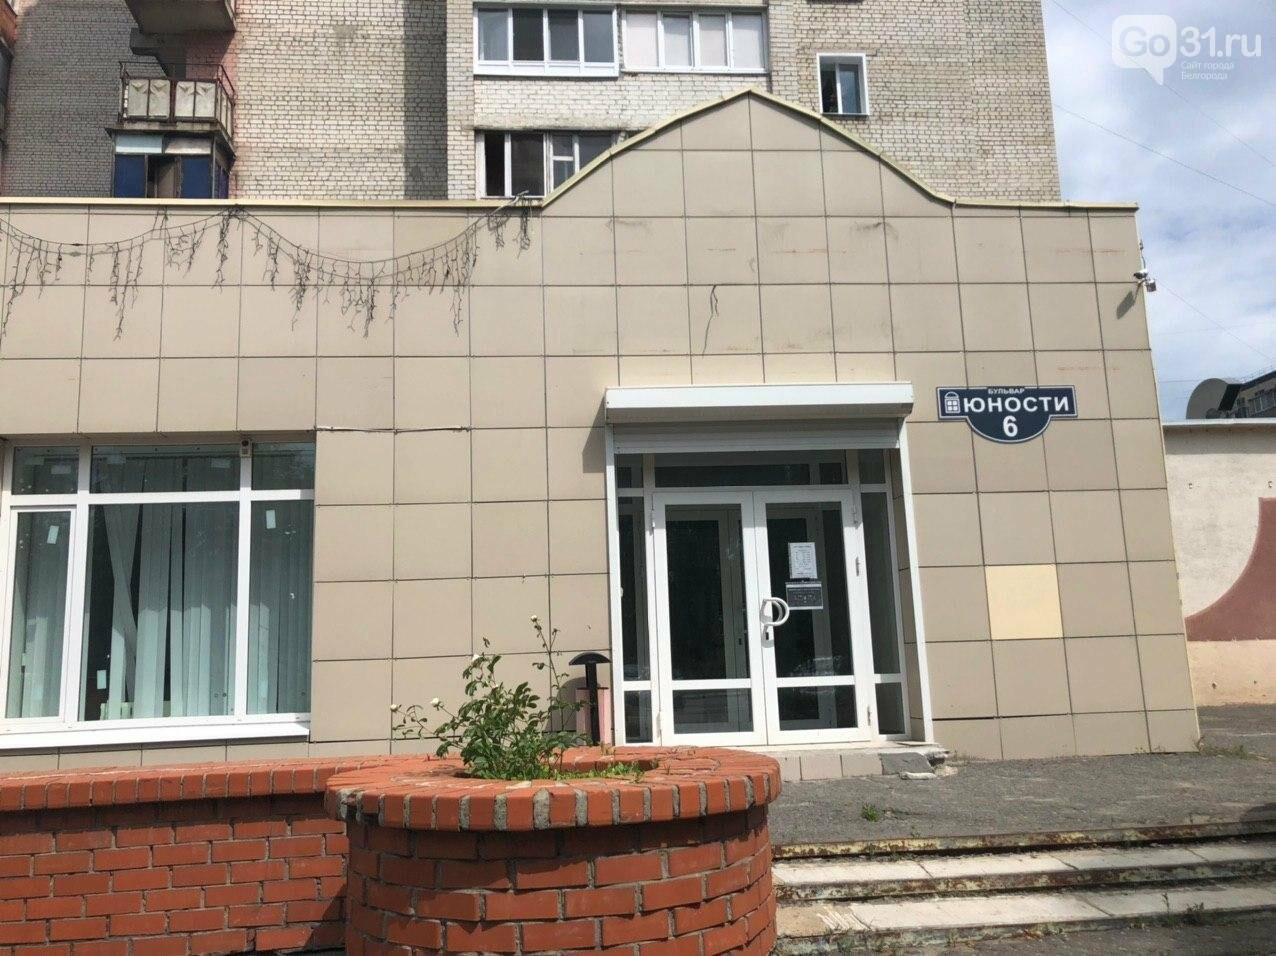 Жители Белгорода протестуют против строительства магазина во дворе многоэтажек, фото-2